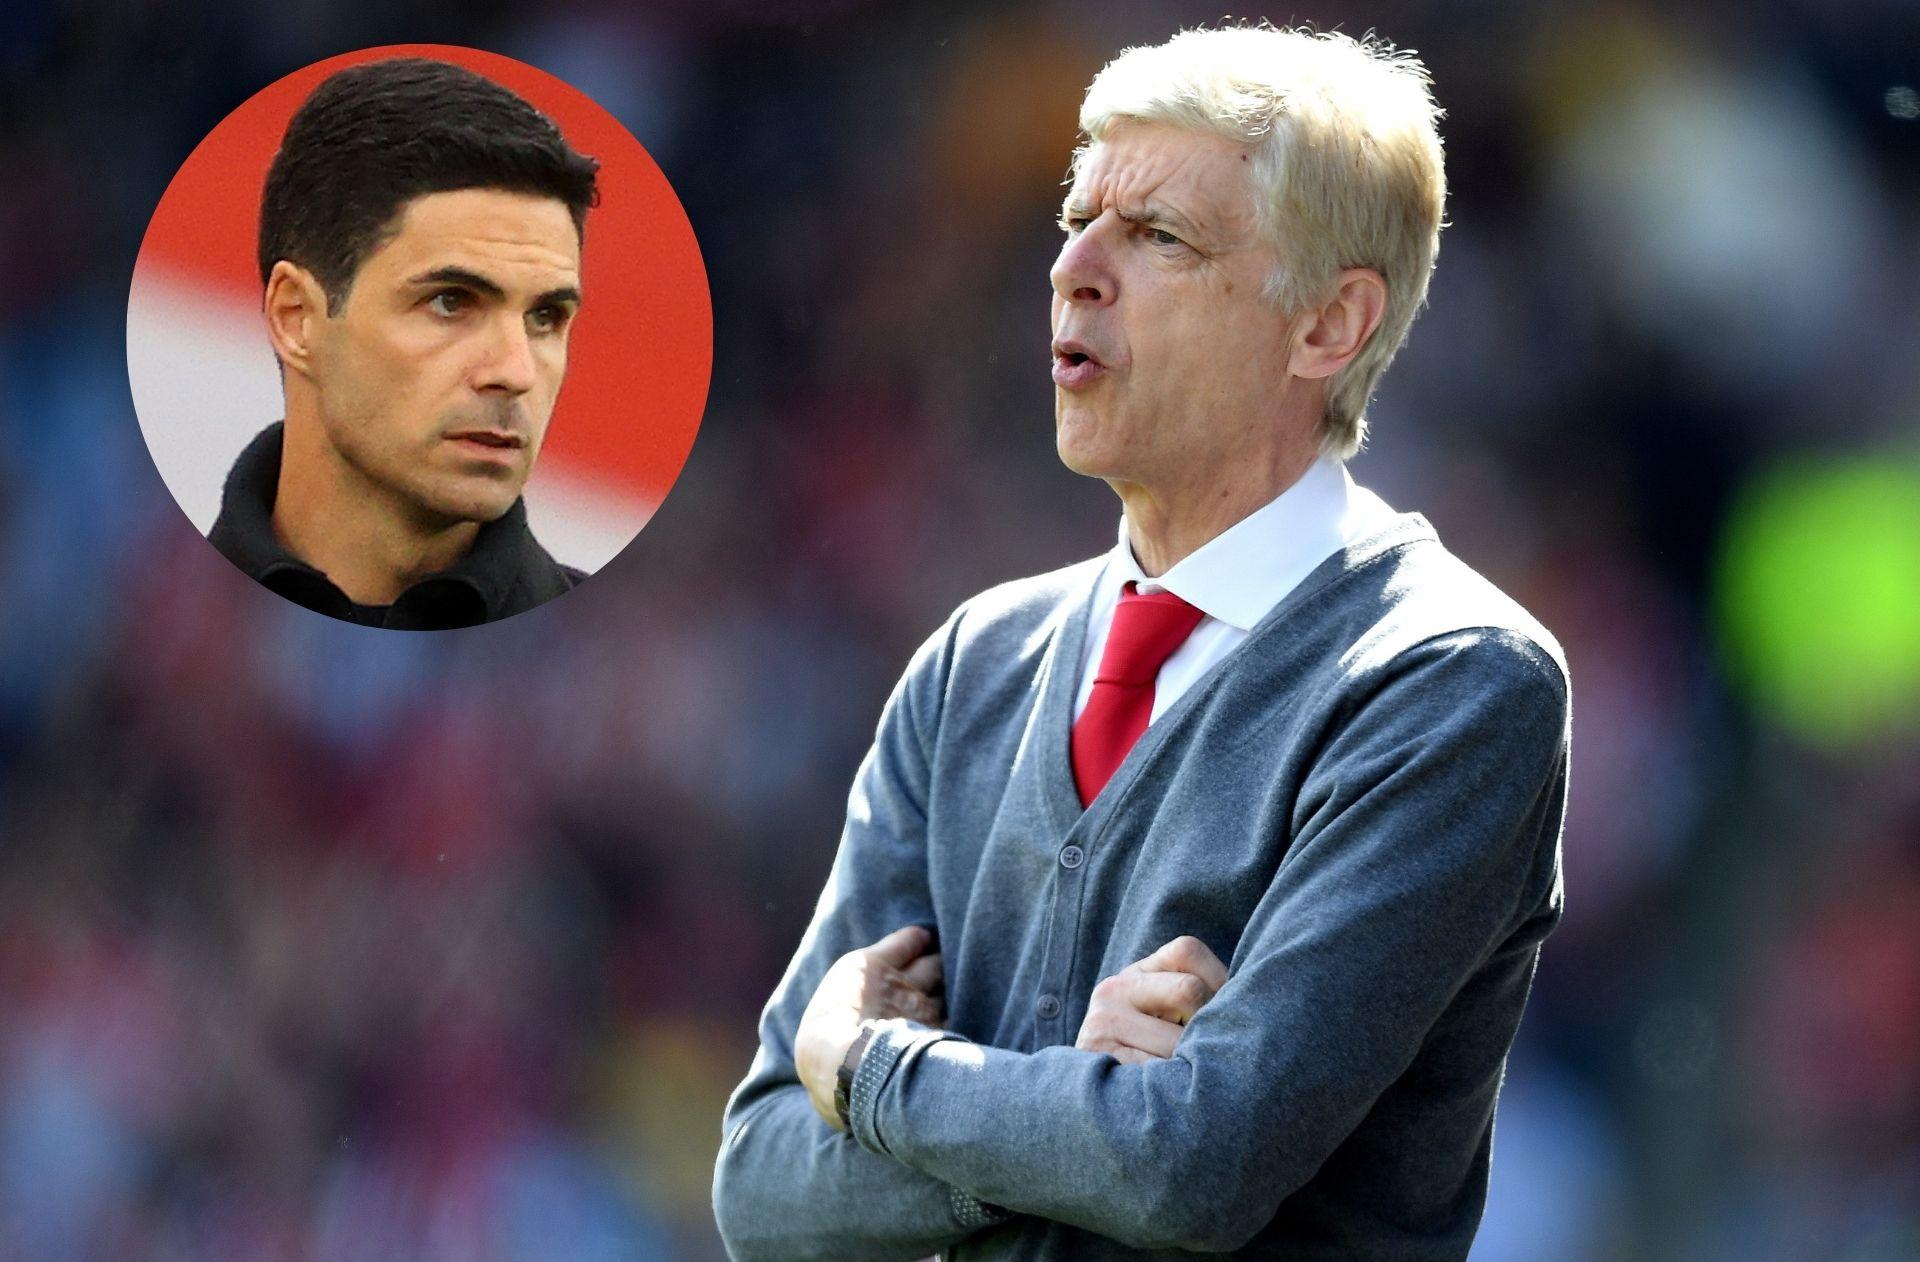 Mikel Arteta, Arsene Wenger - Arsenal